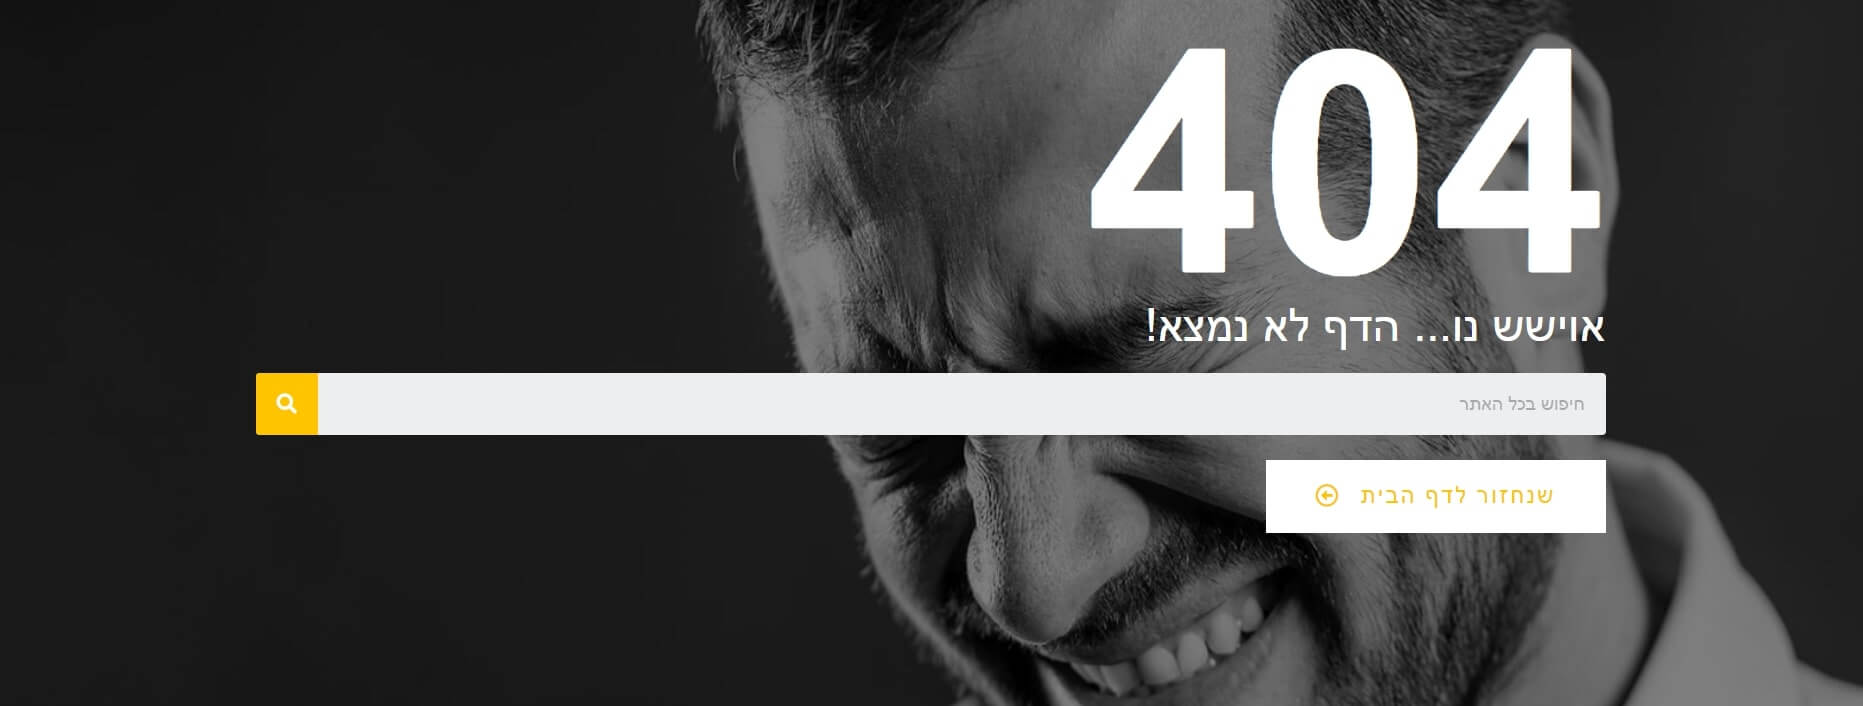 ככה נראה דף שגיאה 404